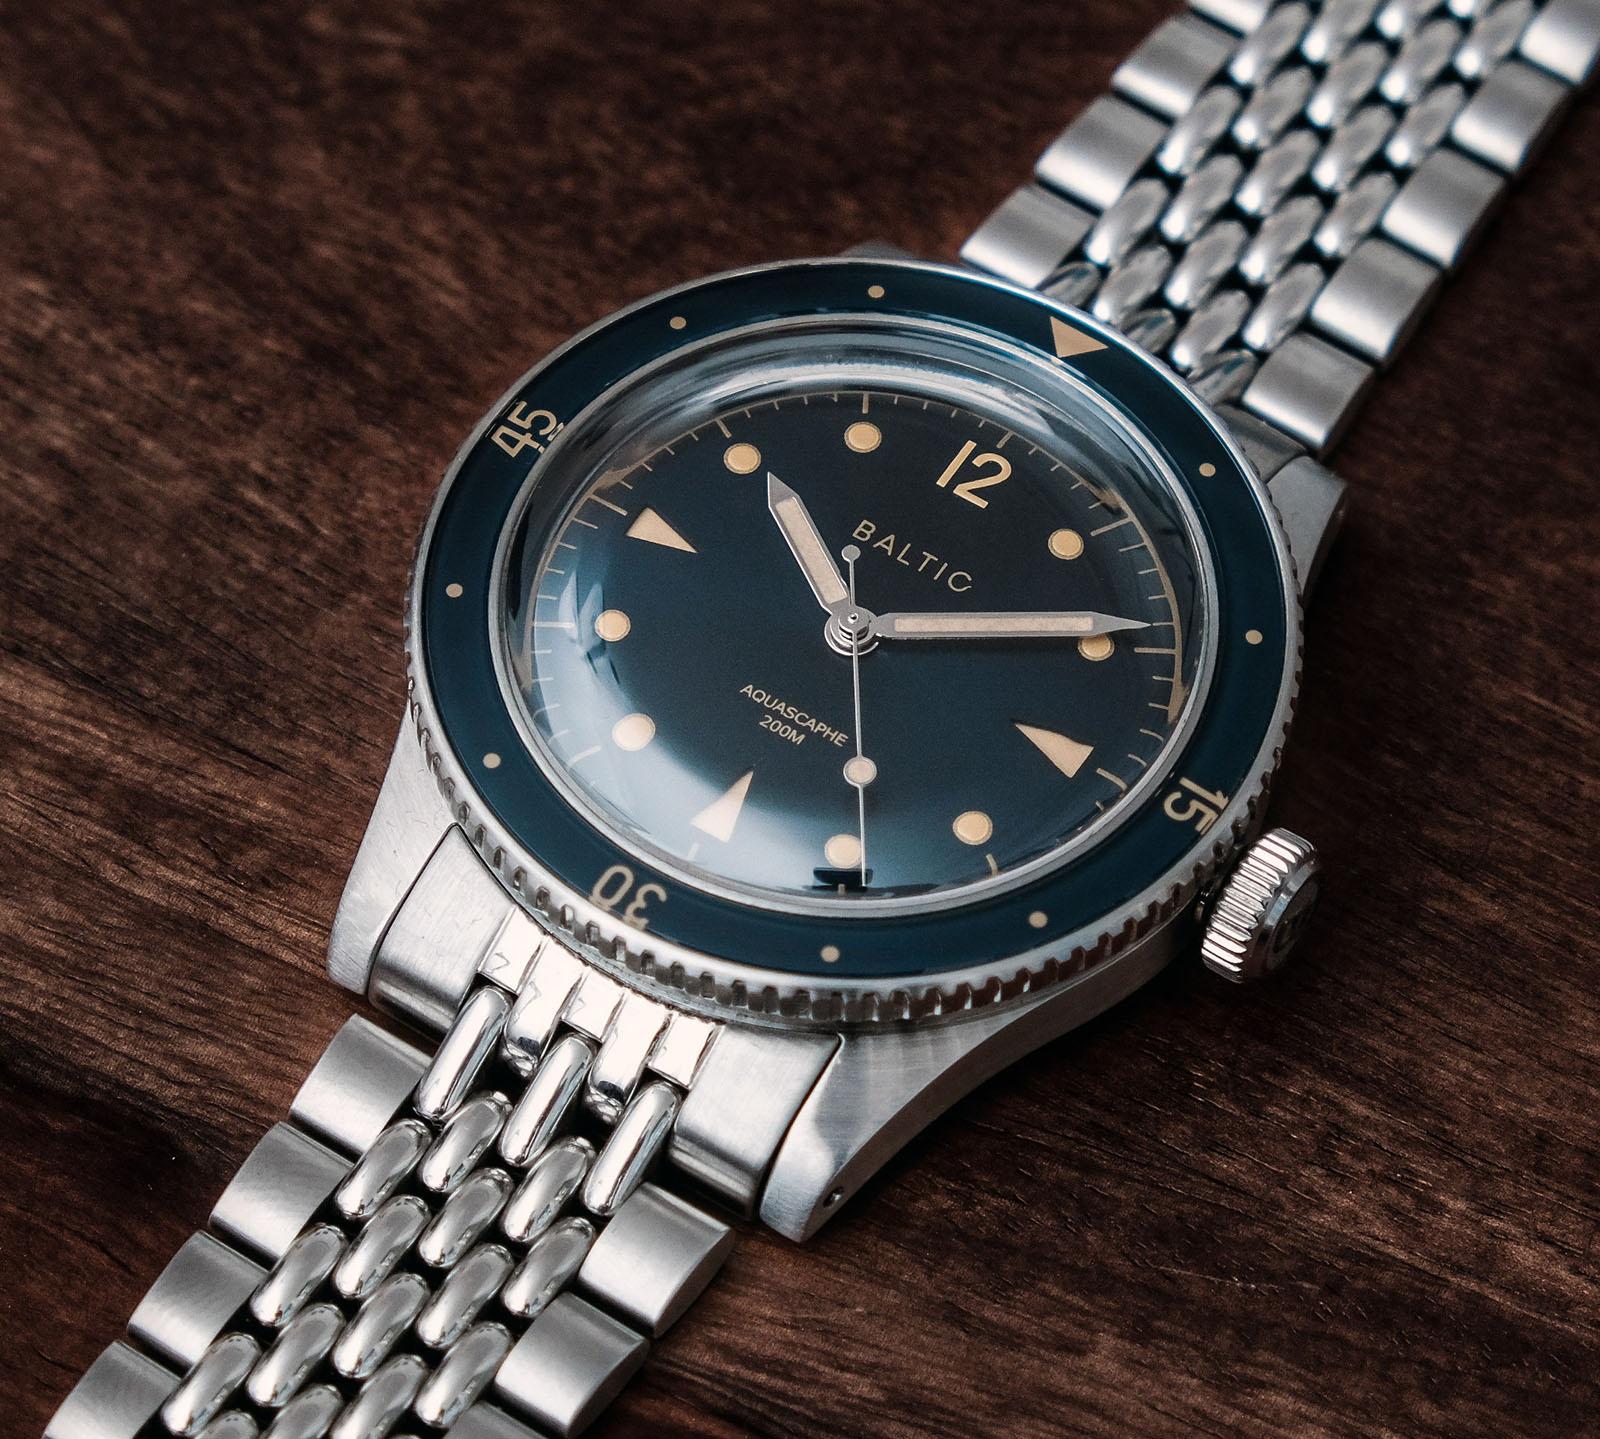 Baltic Aquascaphe Dive Watch 2